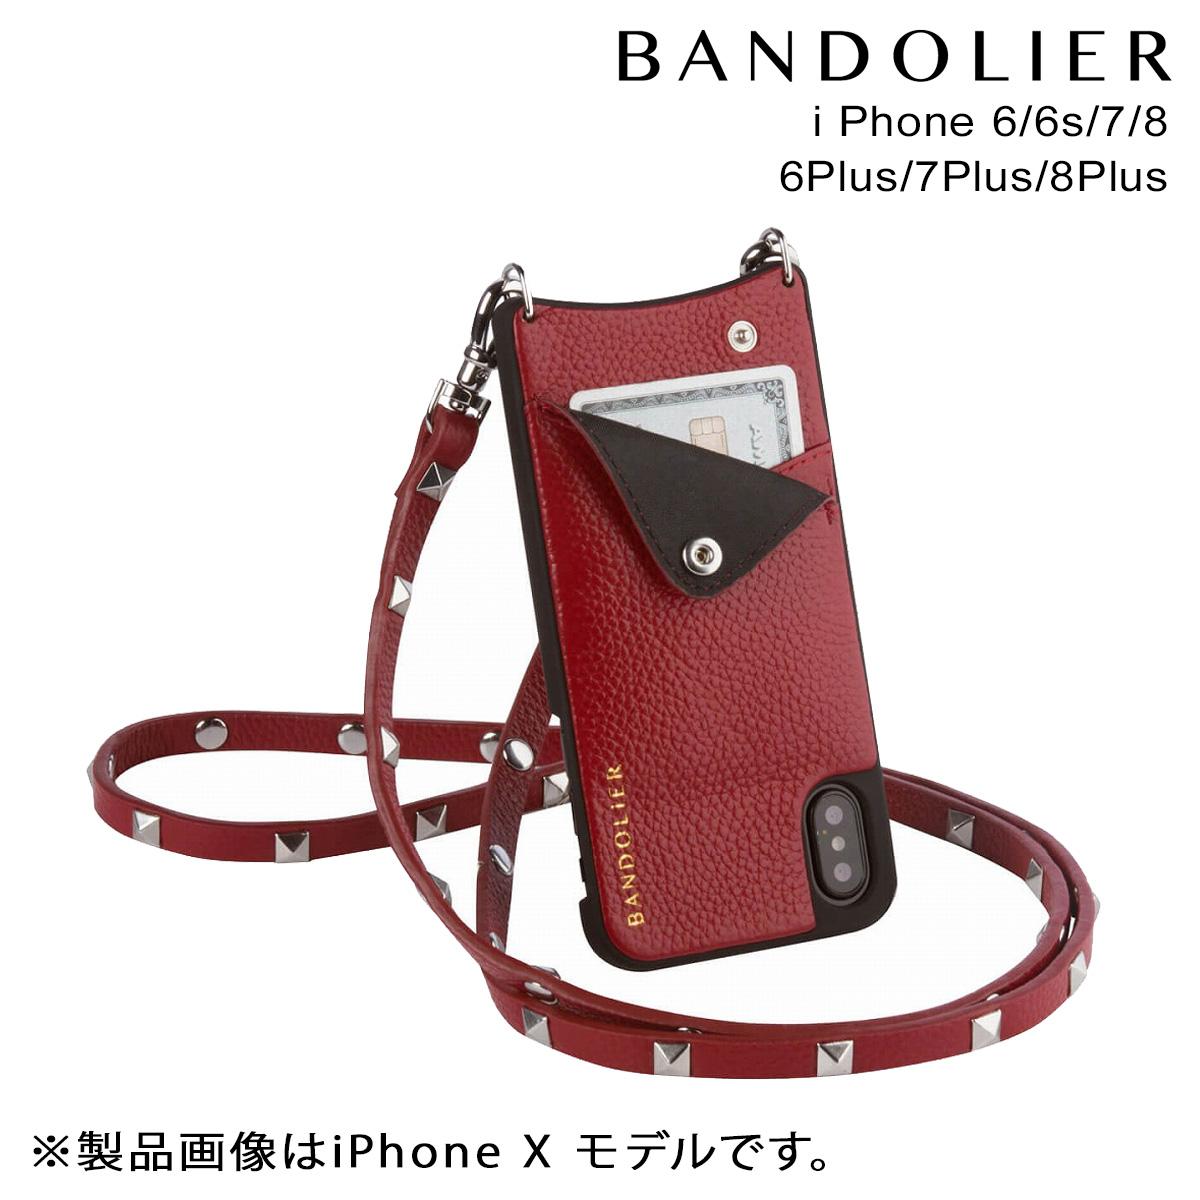 BANDOLIER SARAH CRIMSON バンドリヤー iPhone8 iPhone7 7Plus 6s ケース スマホ アイフォン プラス メンズ レディース